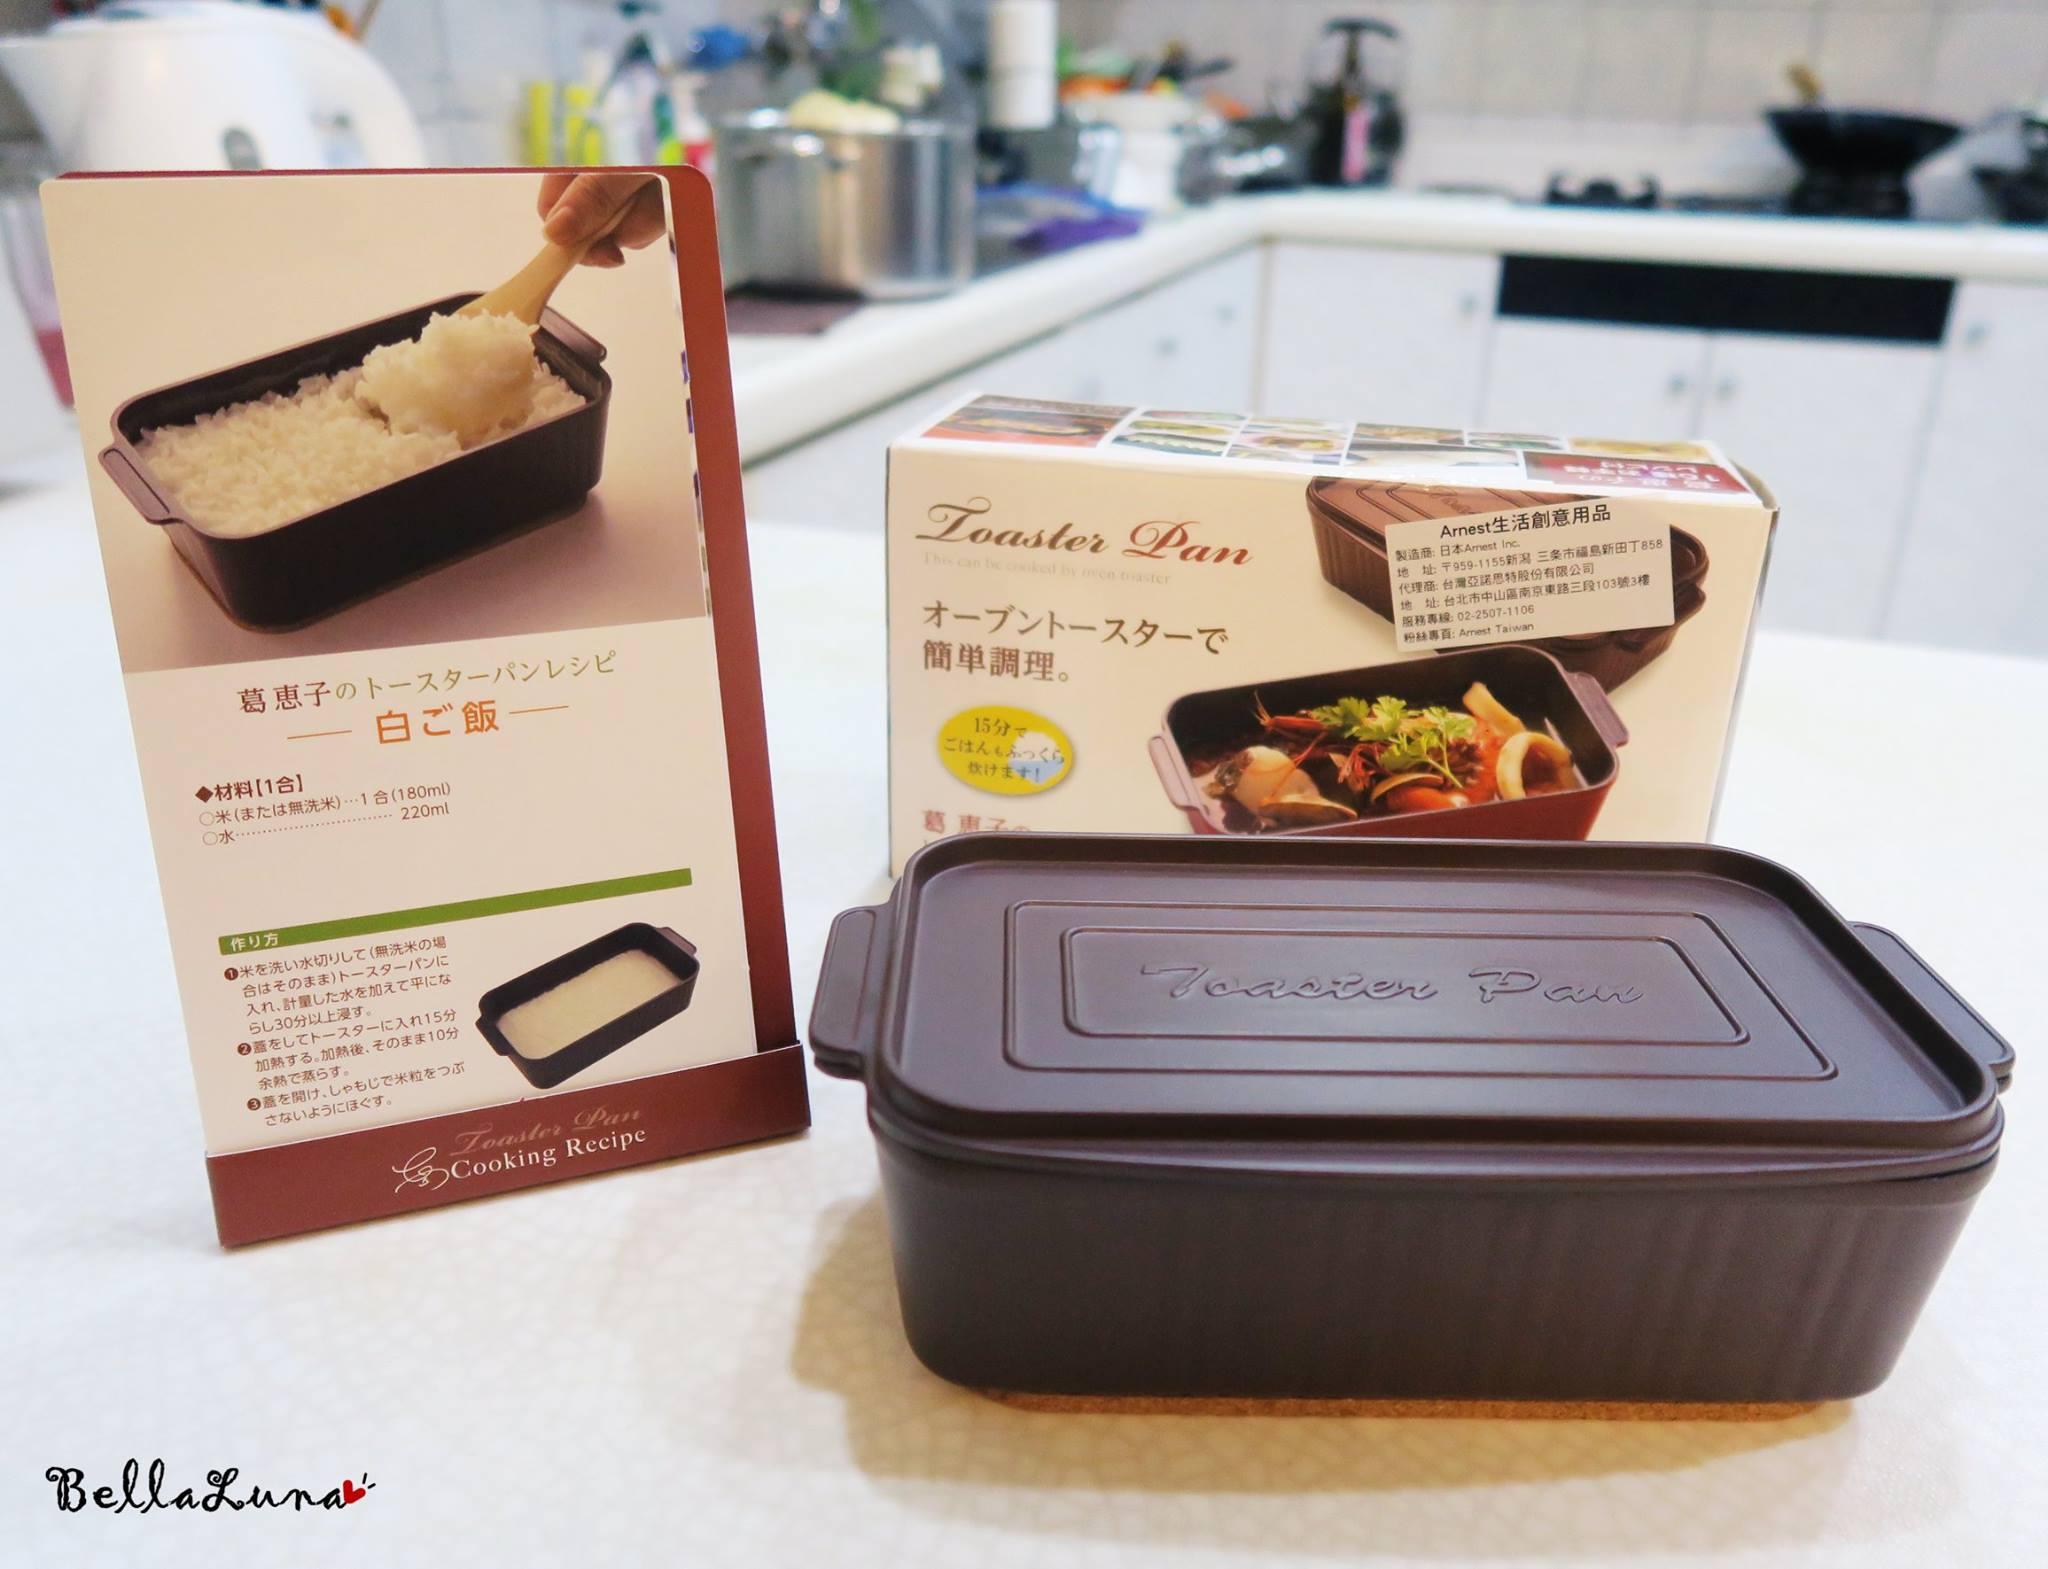 烤箱盒 4.jpg